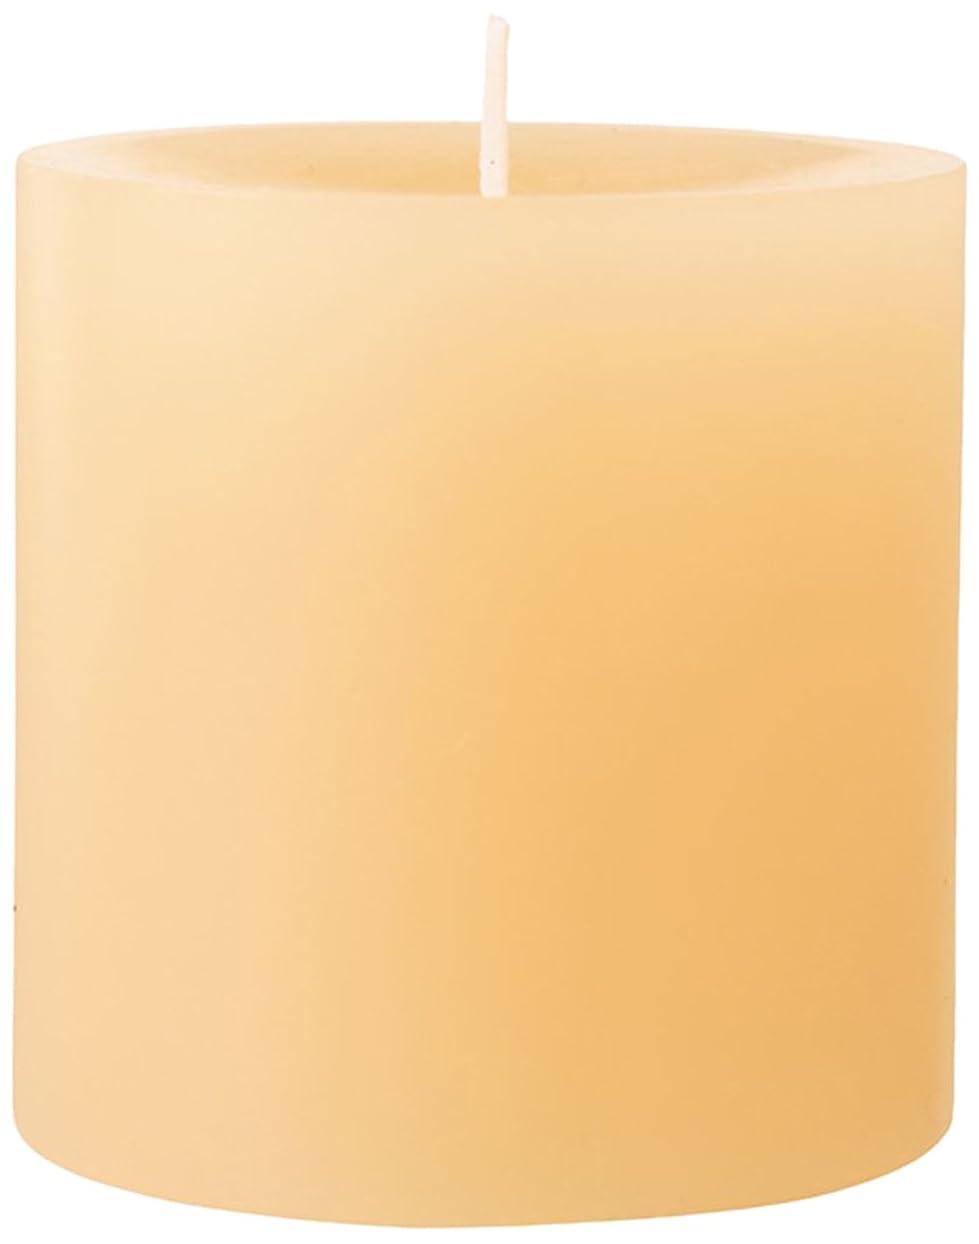 ハンカチ今晩膨張する75×75ピラーキャンドル 「 ベージュ 」 A5000000BG